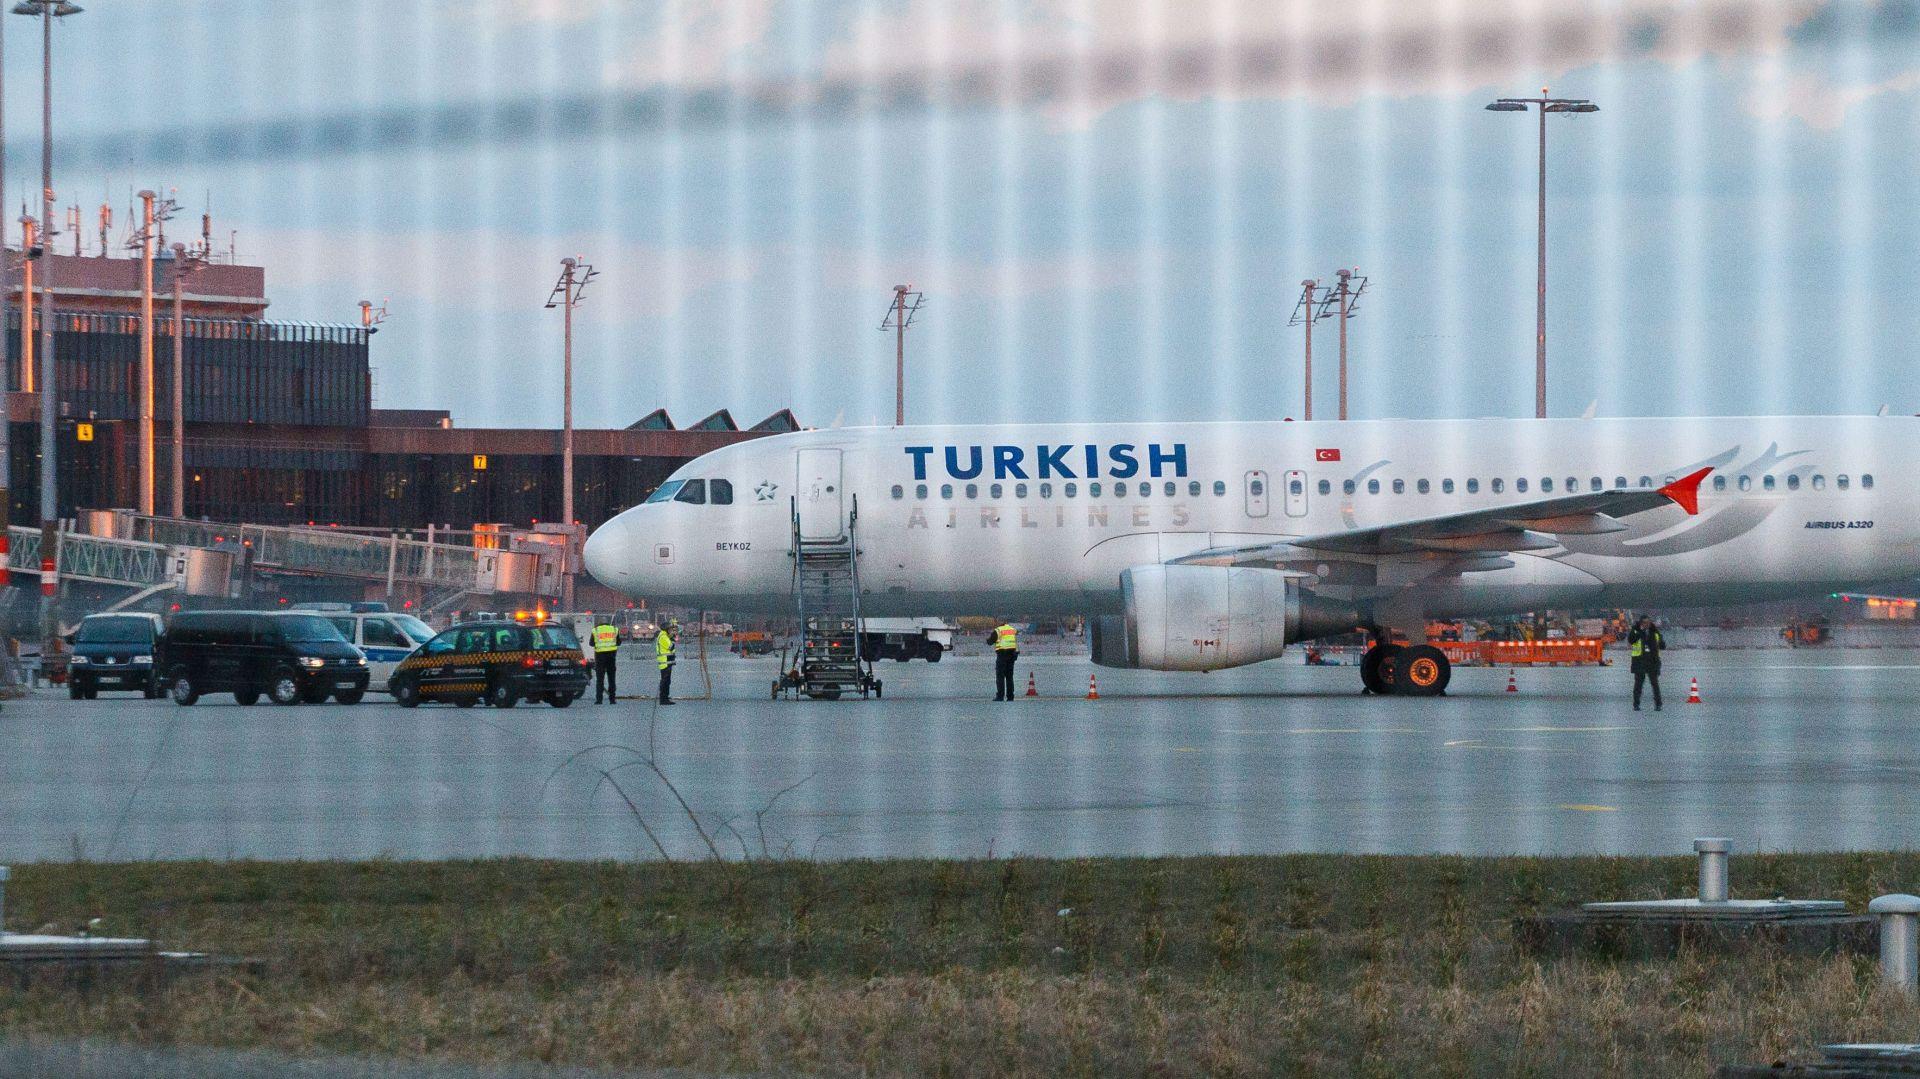 Teretni zrakoplov Turkish Airlinesa srušio se u Kirgistanu, stradalo najmanje 20 ljudi